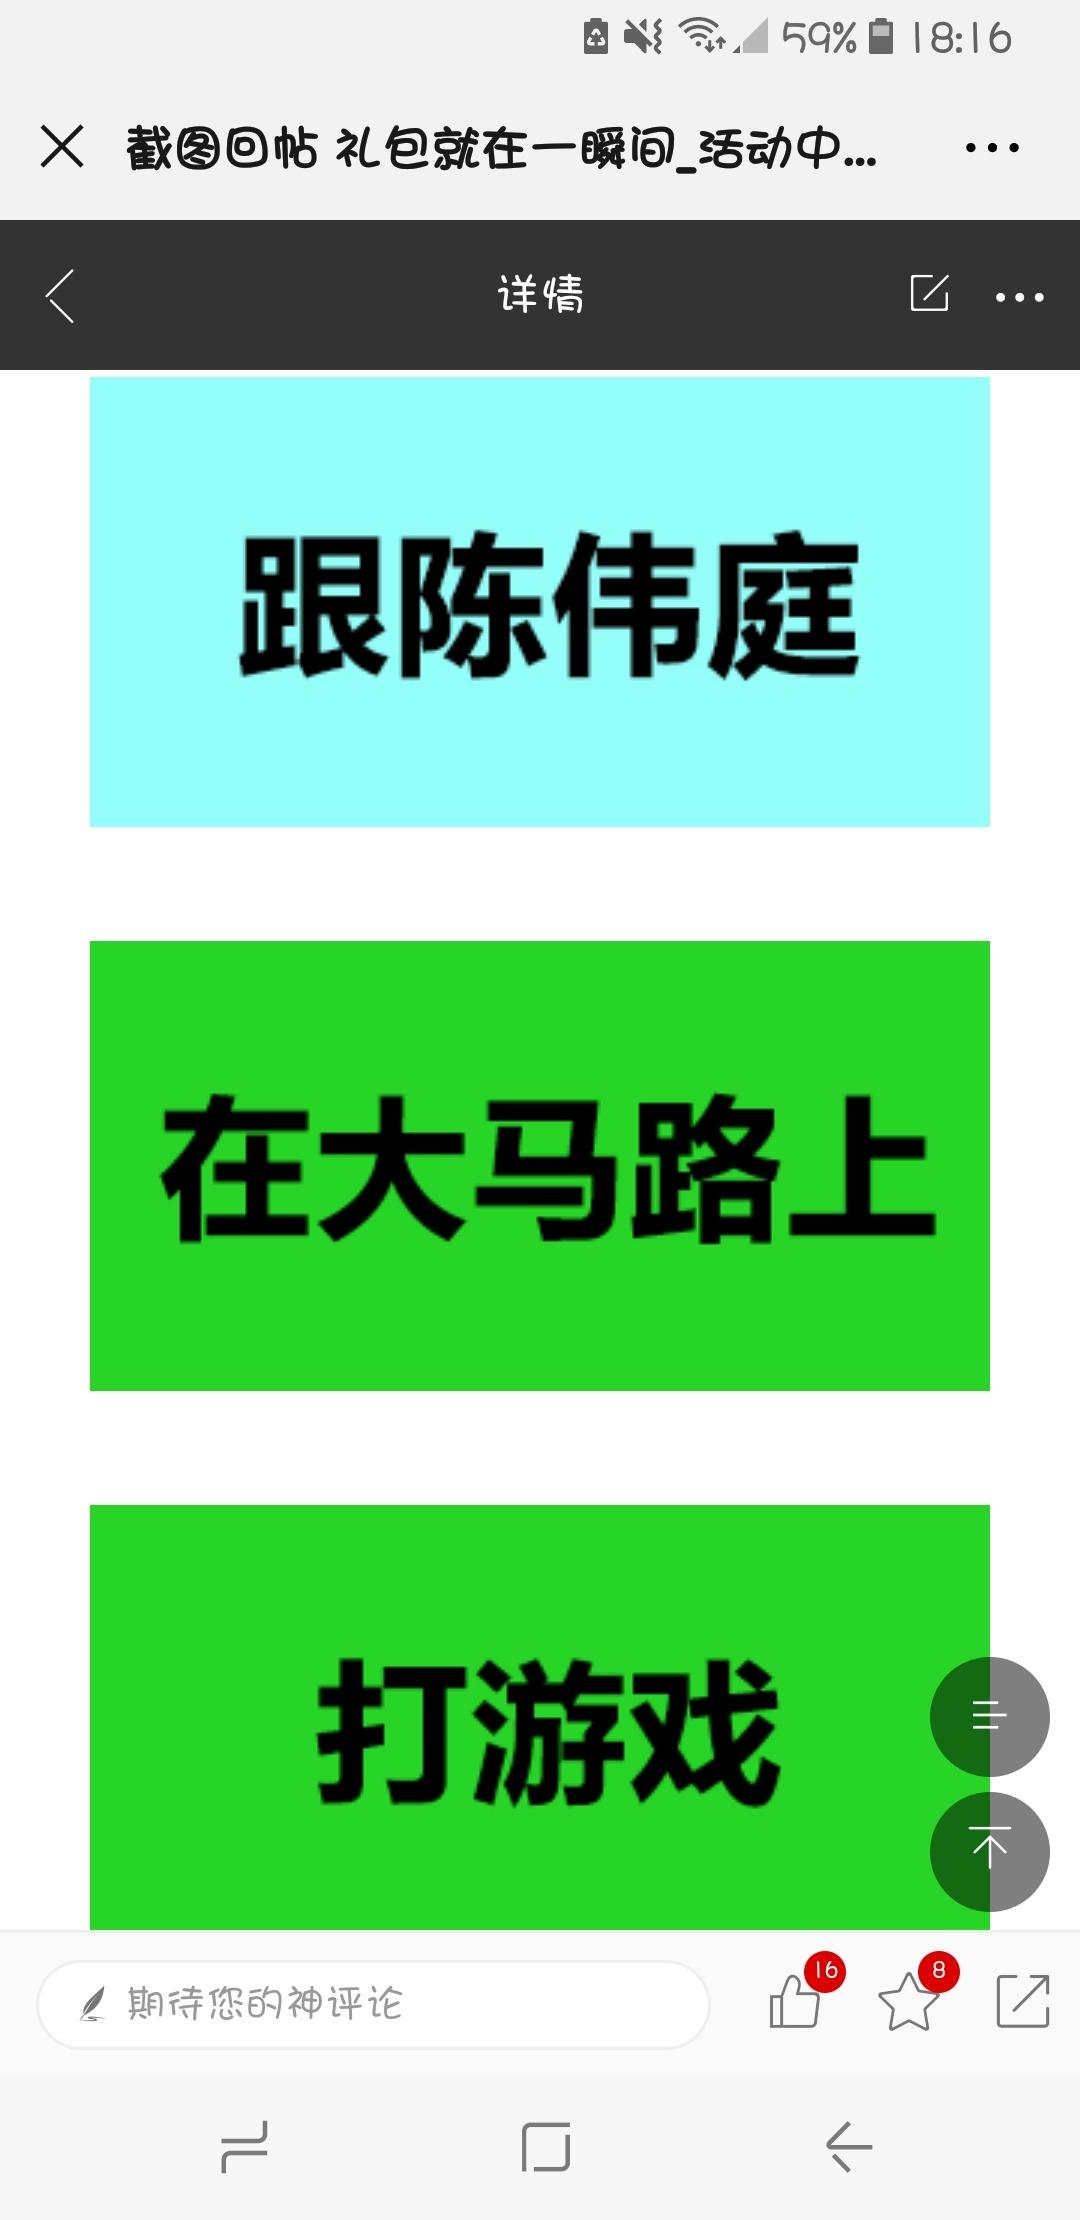 Screenshot_20190725-181607_WeChat.jpg